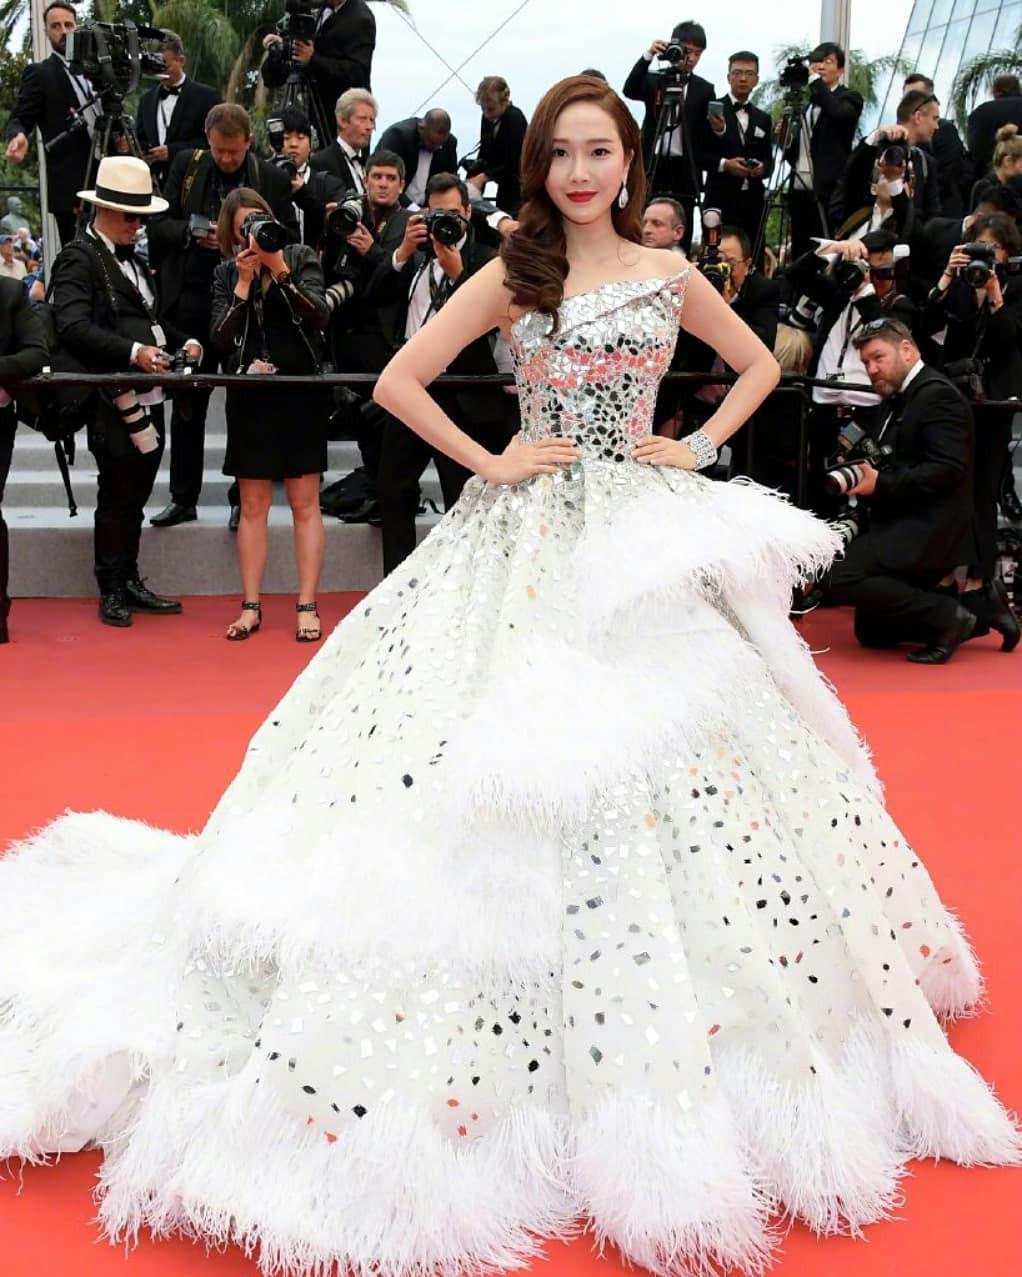 Chiếc váy tùng xoè lộng lẫy nhưng cũng khiến Jessica suýt ngã, phải nhờ 2 người nâng váy Cannes 2019 - Ảnh 1.